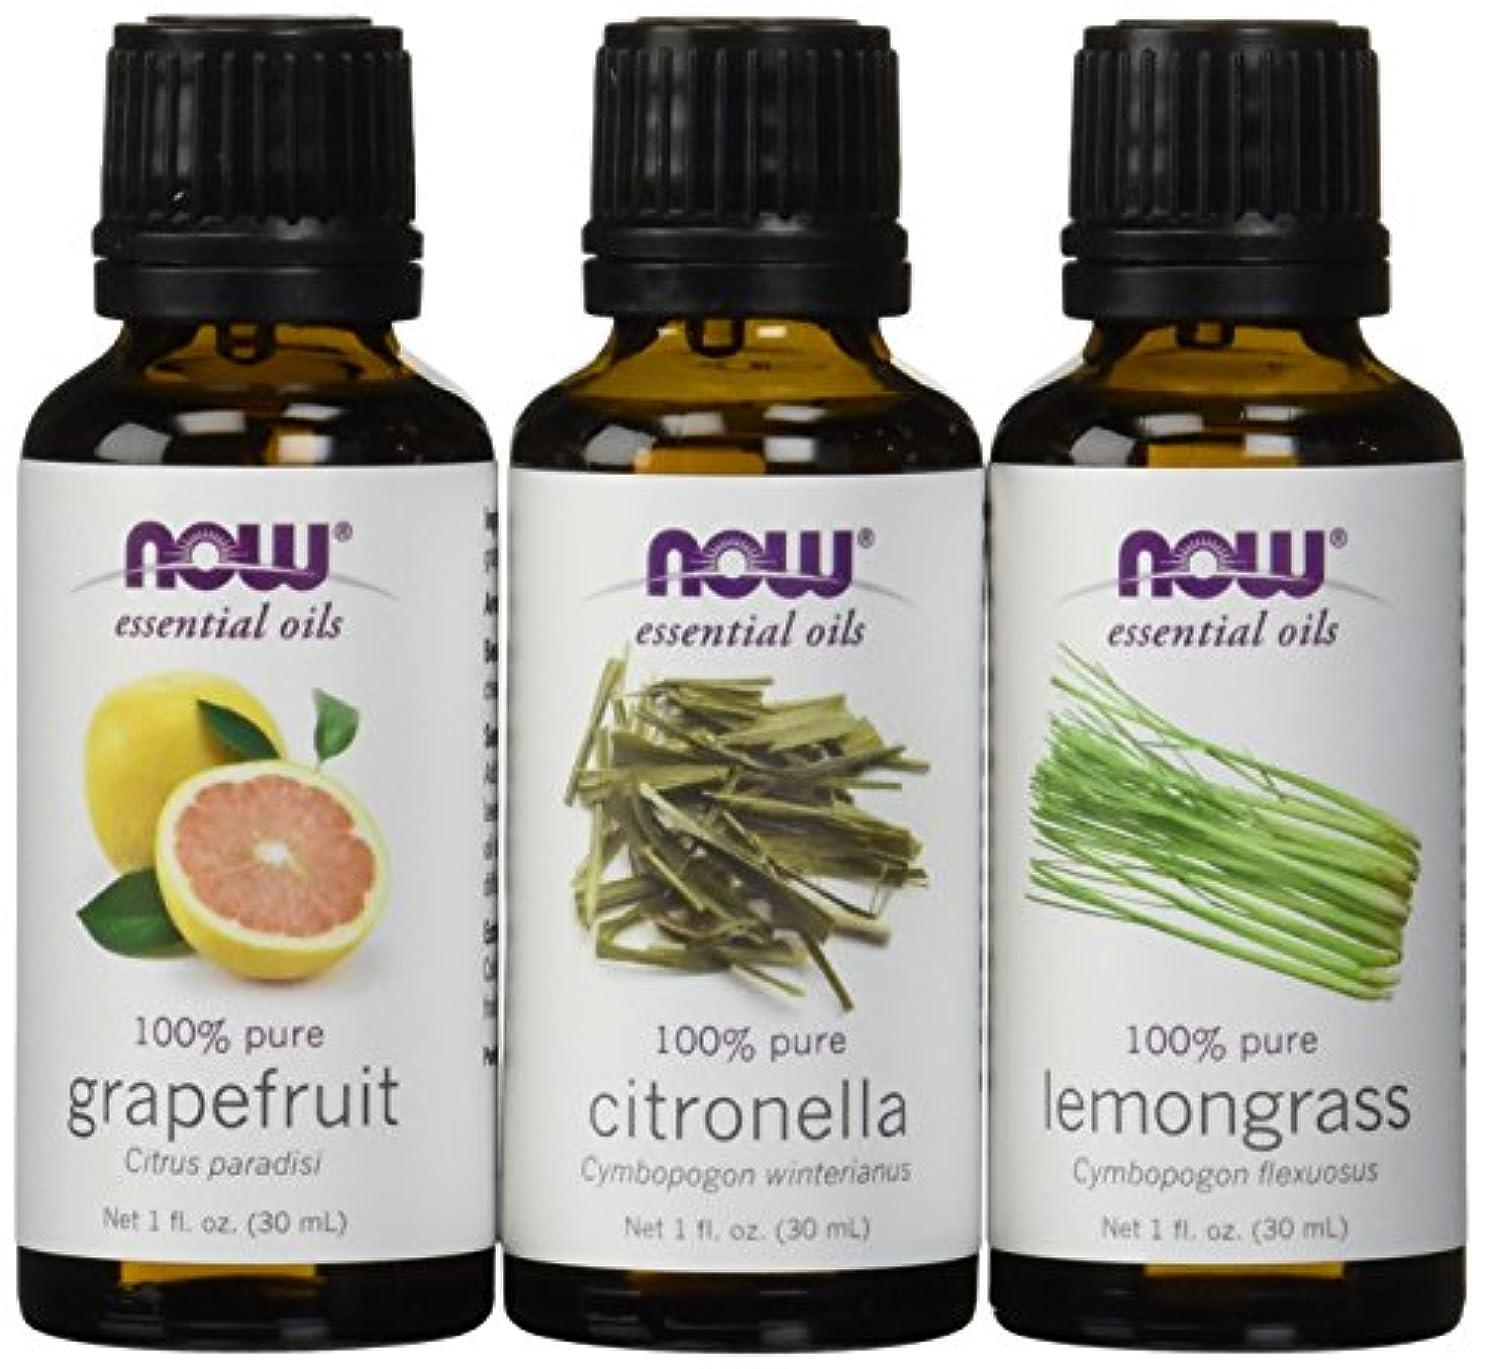 魔術制約アクセサリー虫除けに ナウフーズ エッセンシャルオイルブレンド:シトロネラ?レモングラス?グレープフルーツ[各30ml] NOW Essential Oils: Mosquito Repellent Blend - Citronella...